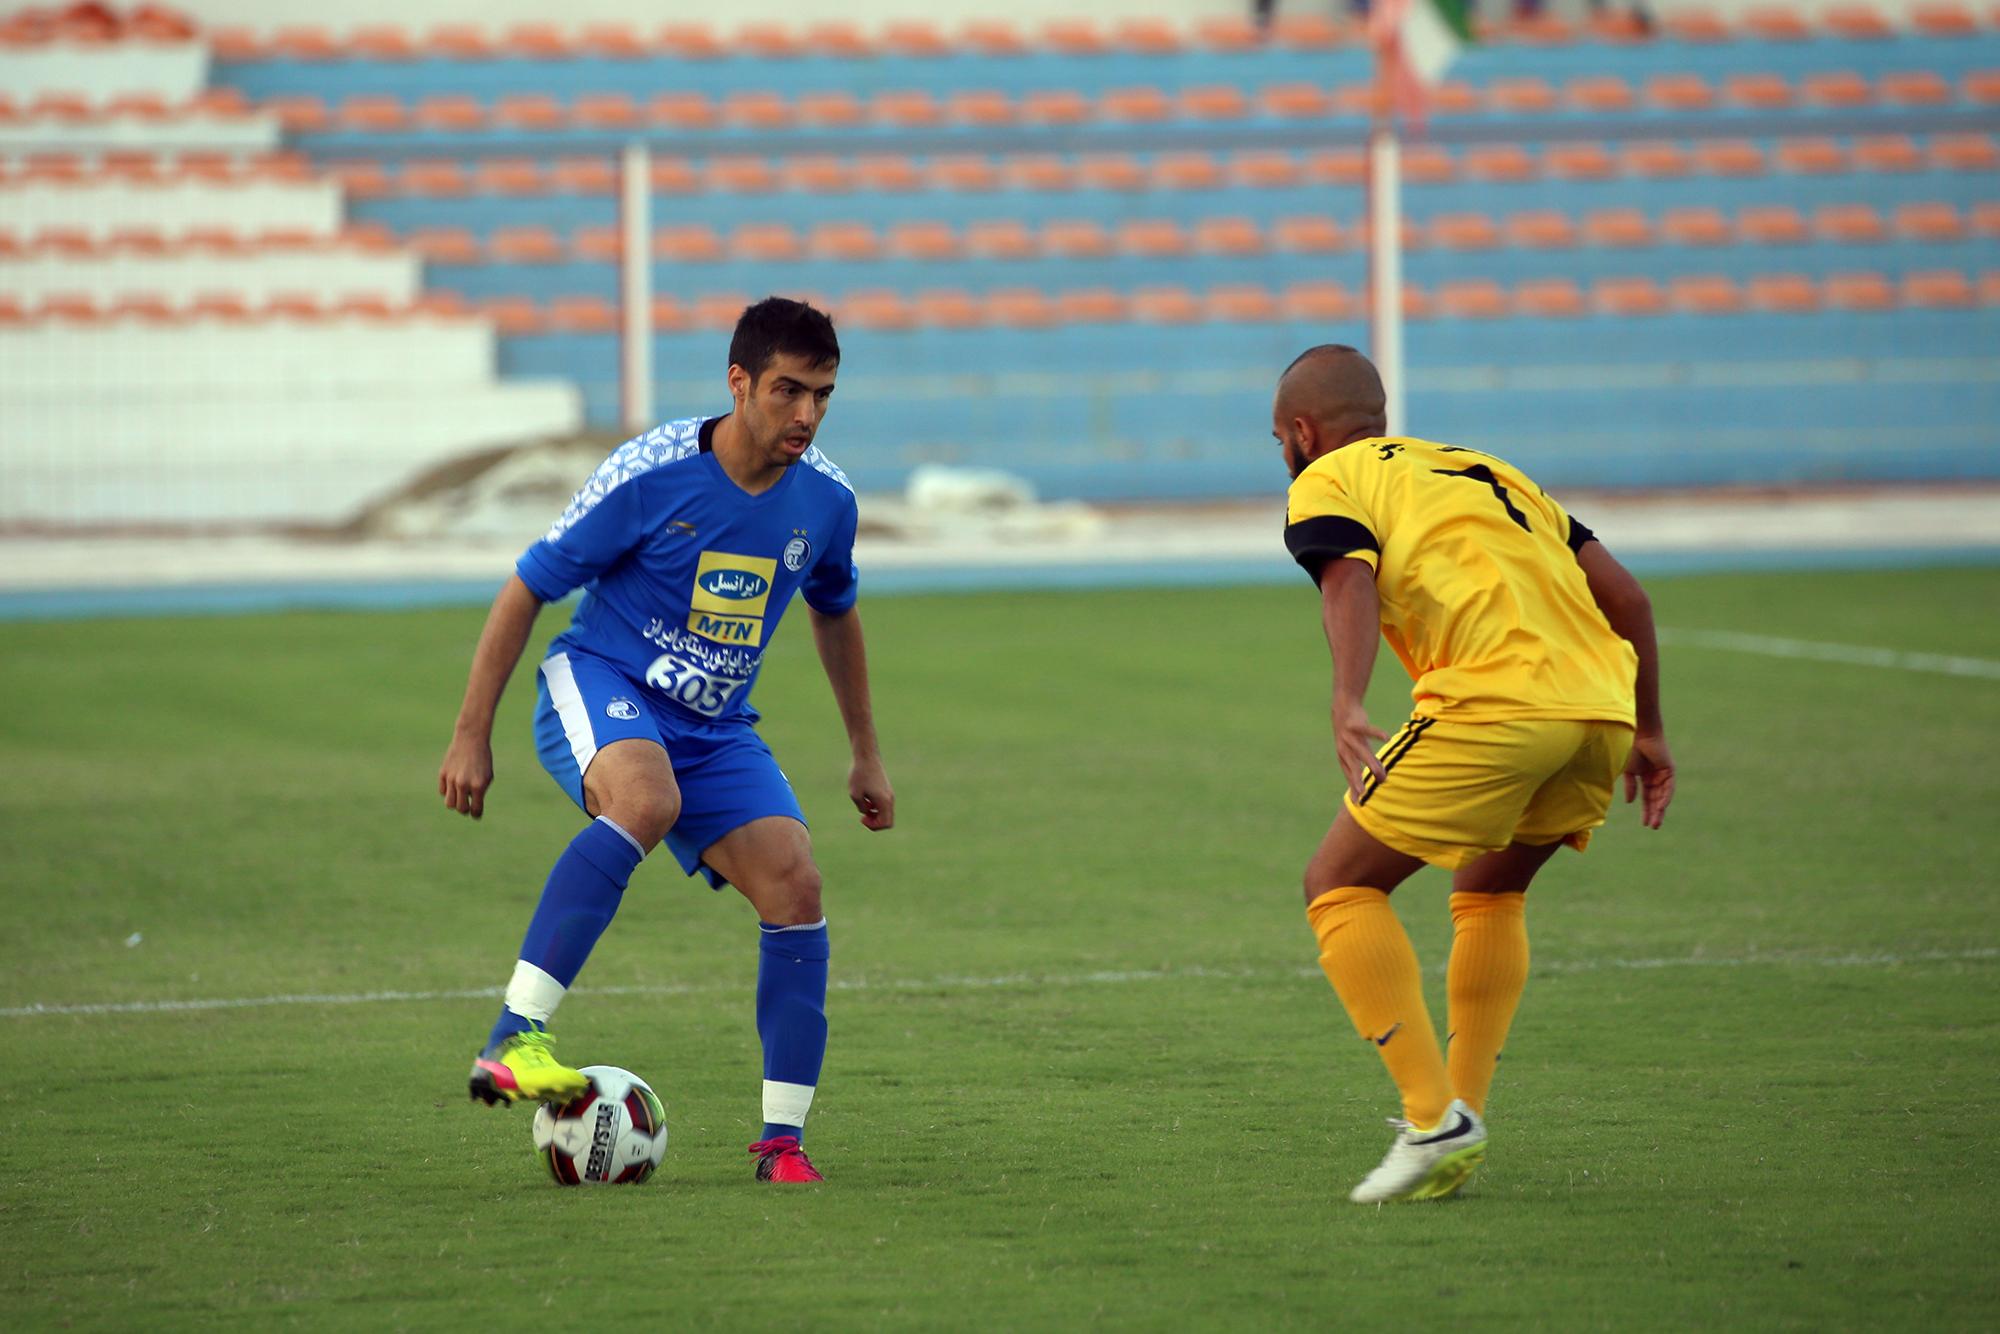 بوشهر و کیش میزبان شوند، مسابقات را در جنوب ایران ادامه دهید!